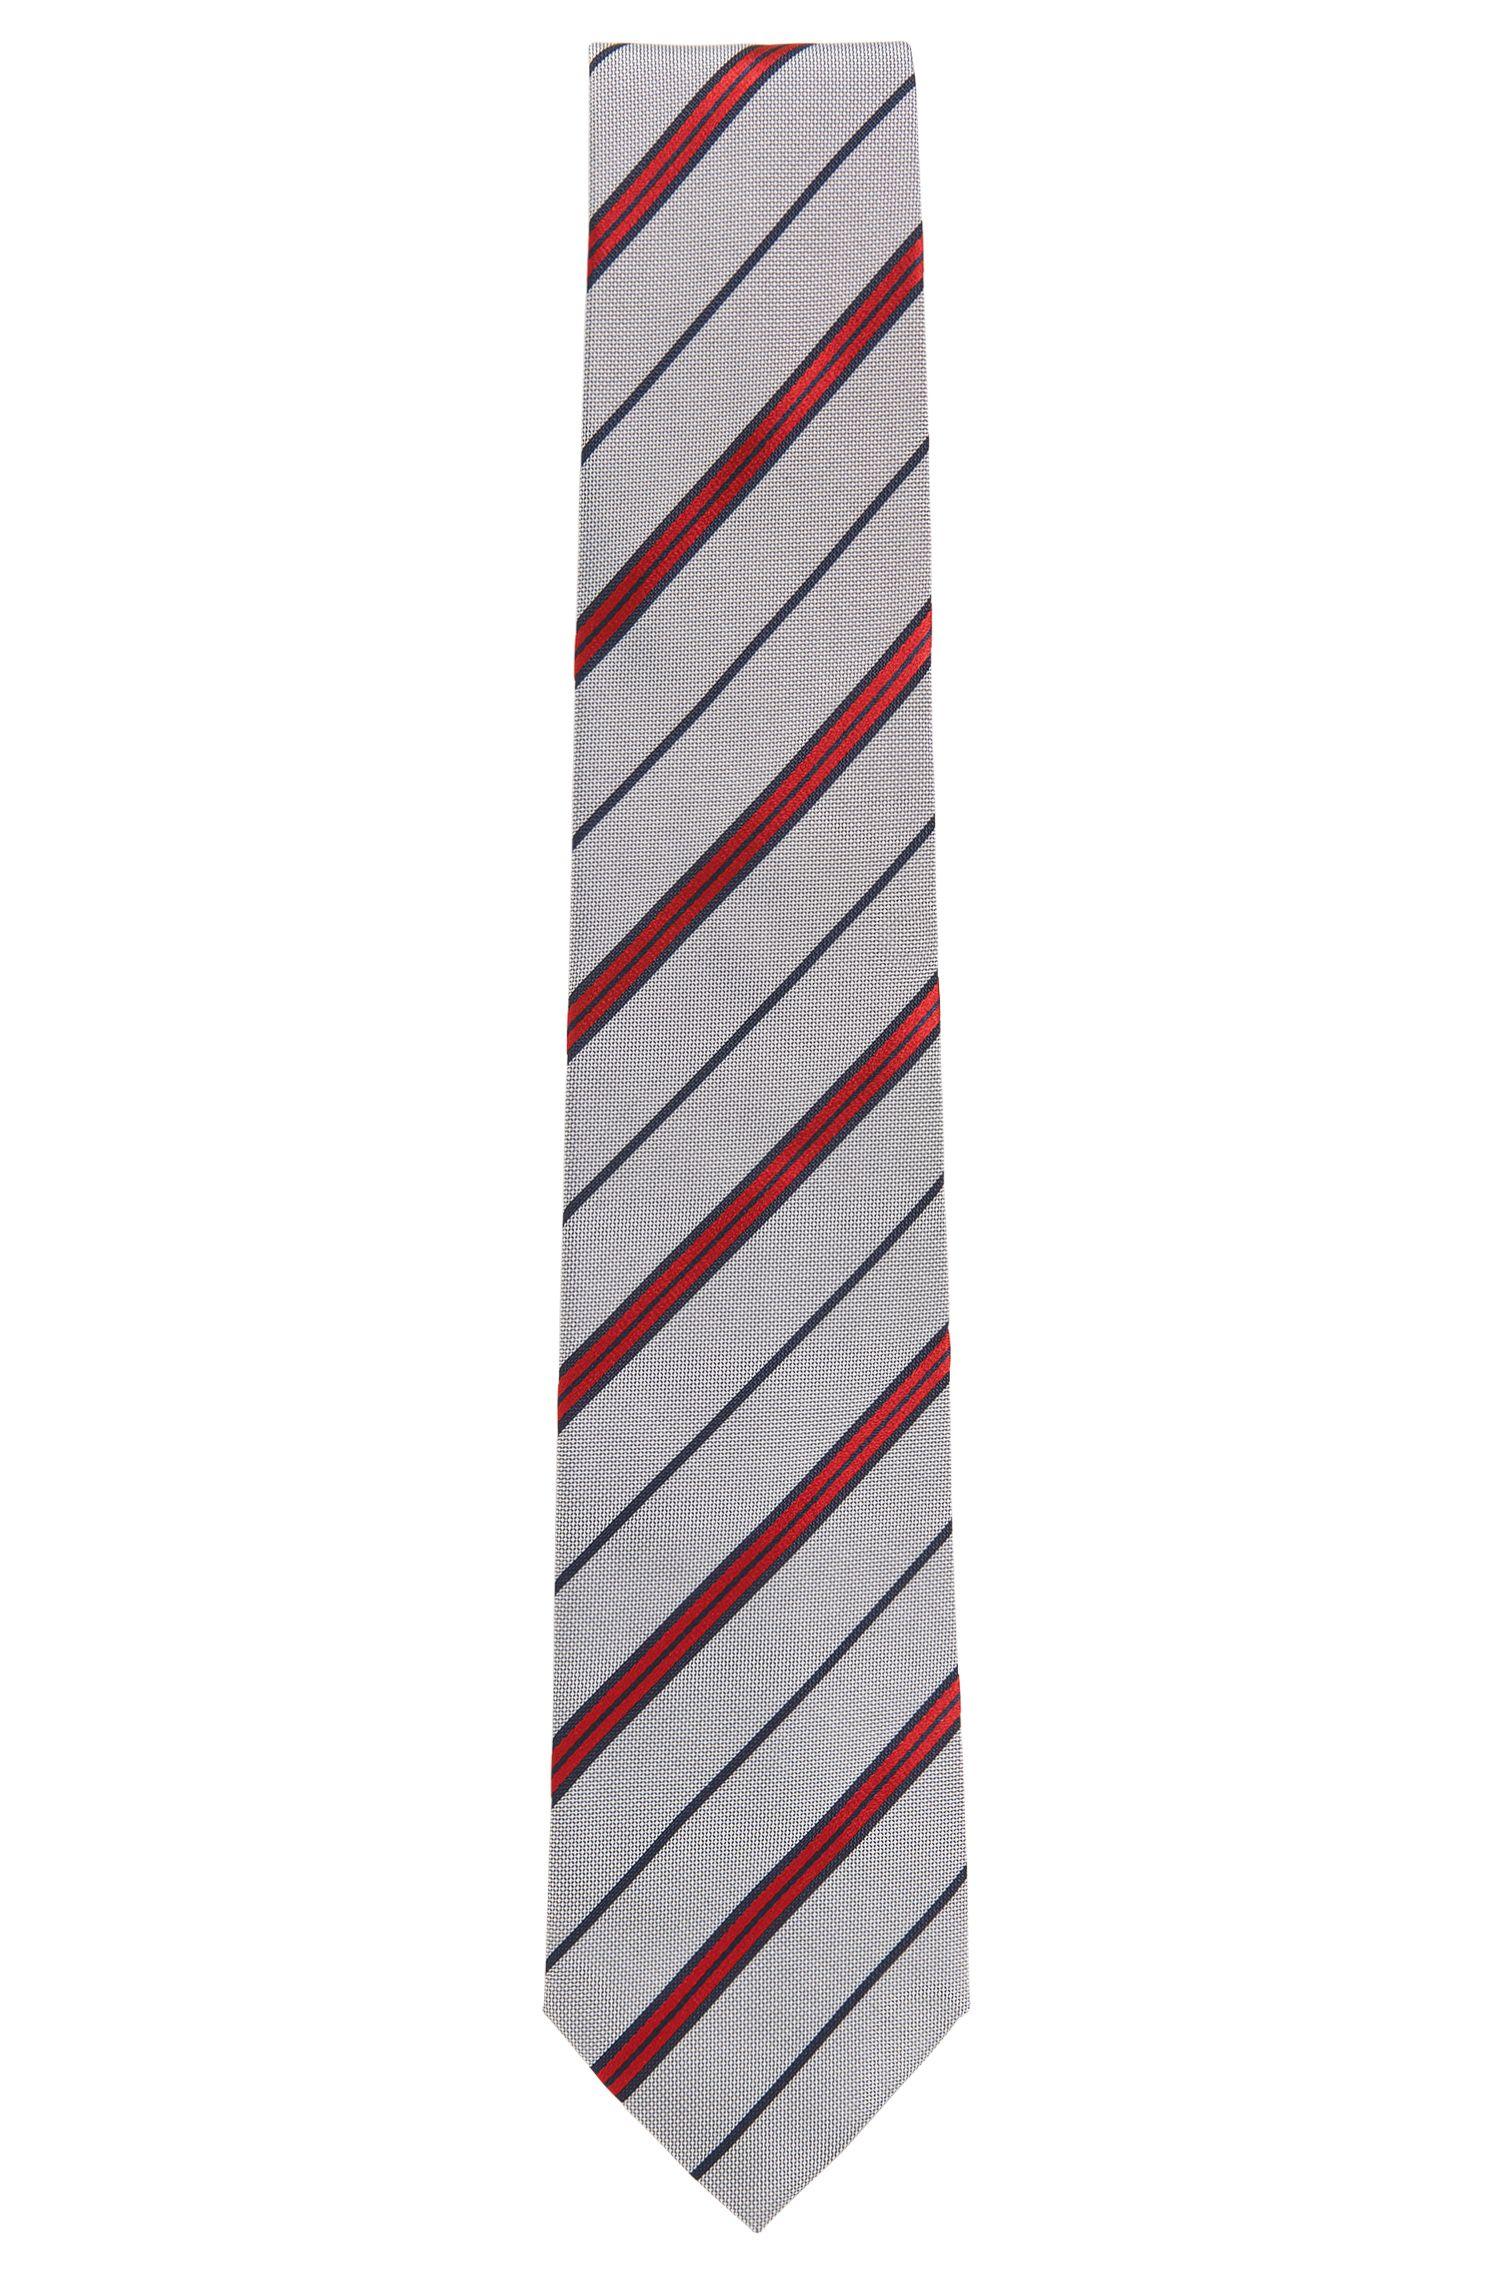 Gestreifte Krawatte aus garngefärbter Seide